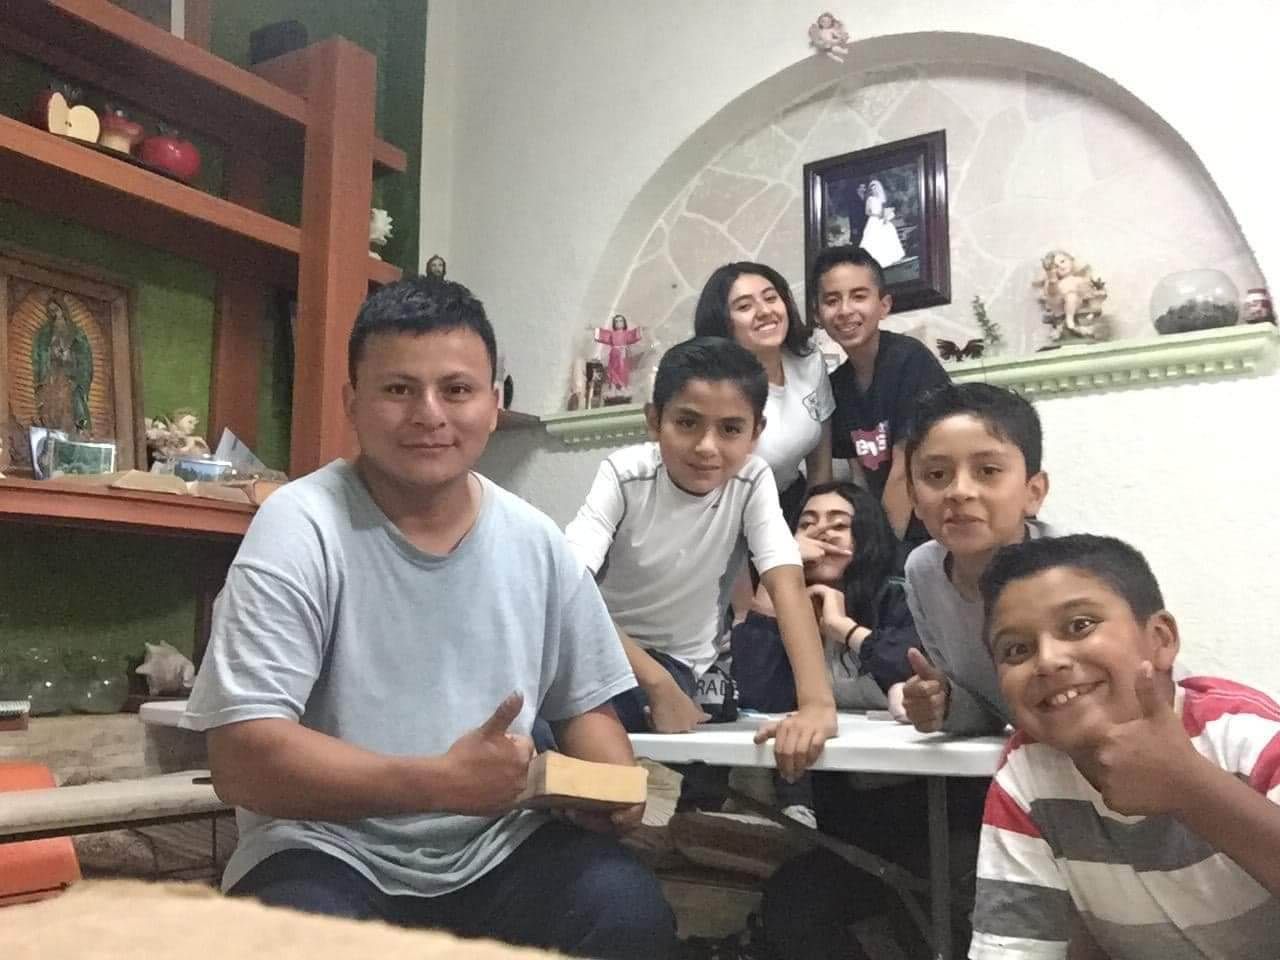 Pedro Perebal, junto a sus primeros estudiantes de inglés, en Hidalgo, México. (Foto: Cortesía Pedro Perabal)